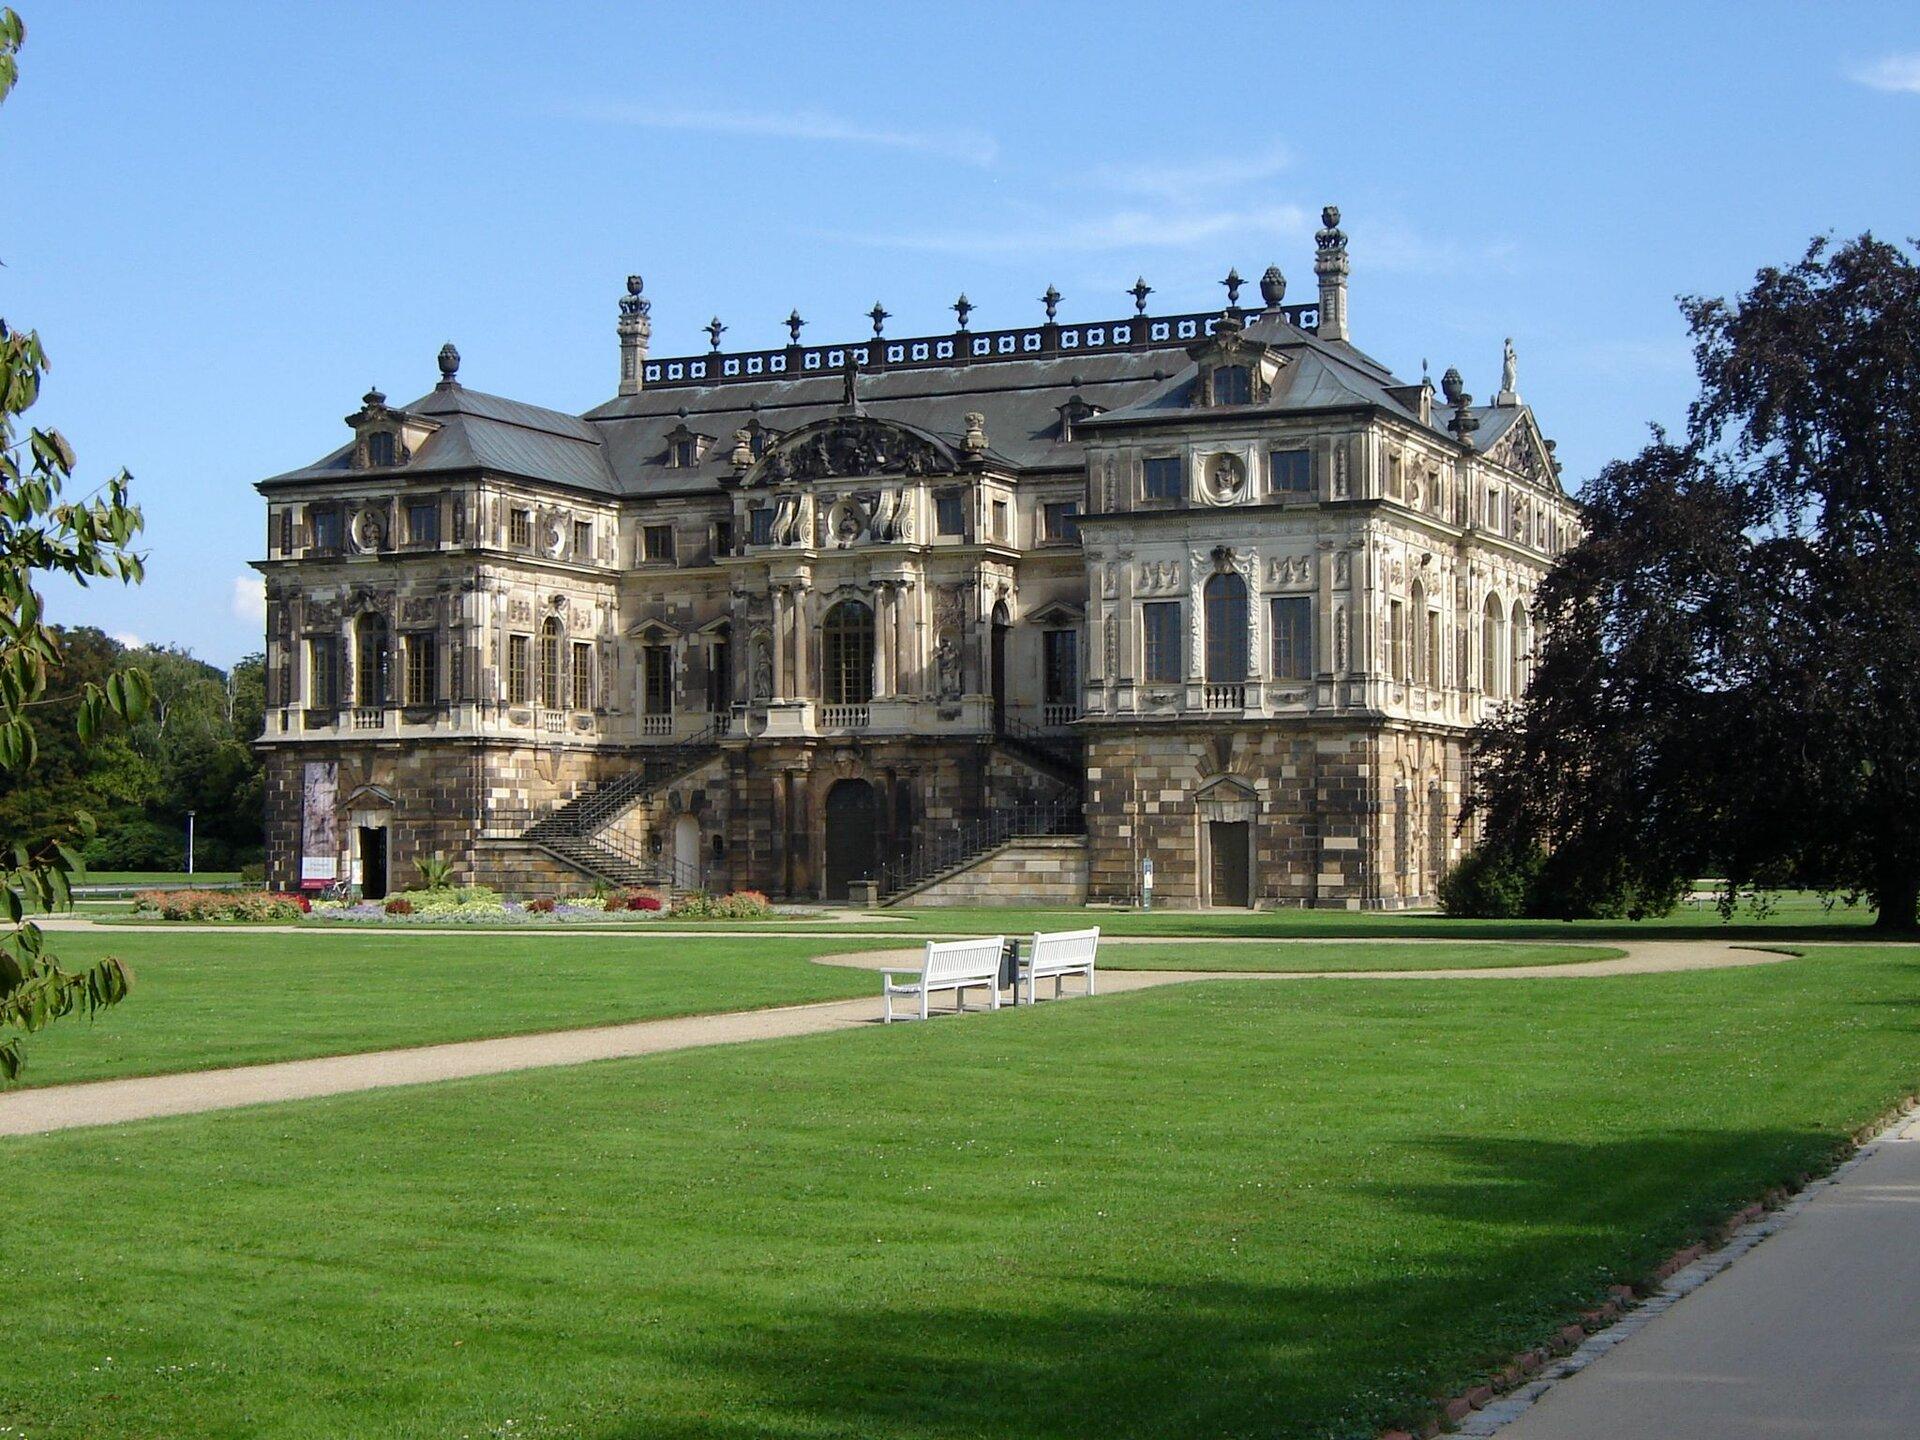 Dresden Grosser Garten Park Zoo And Batanical Garden